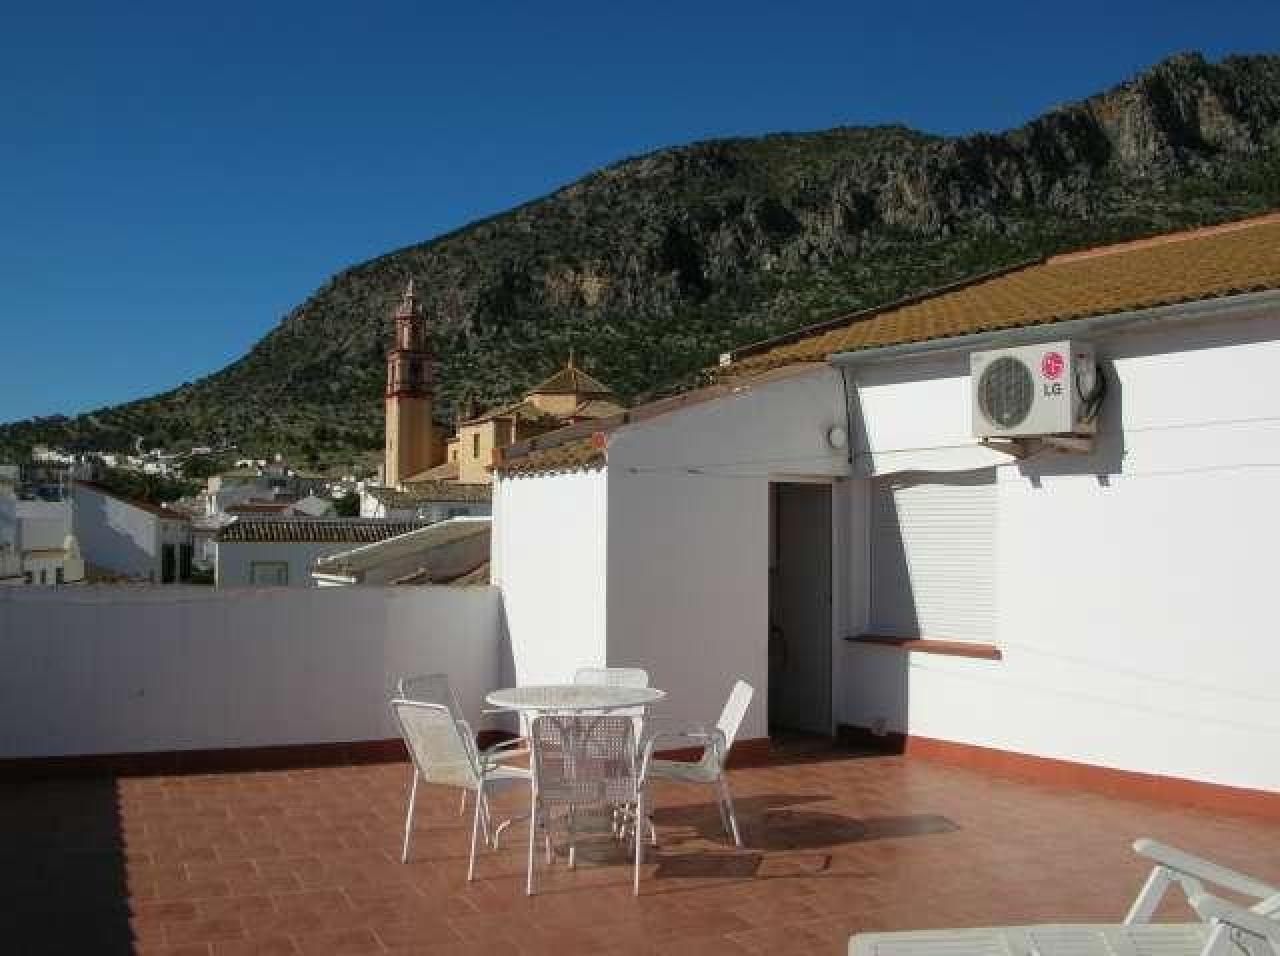 Casas en alquiler Algodonales, Cádiz